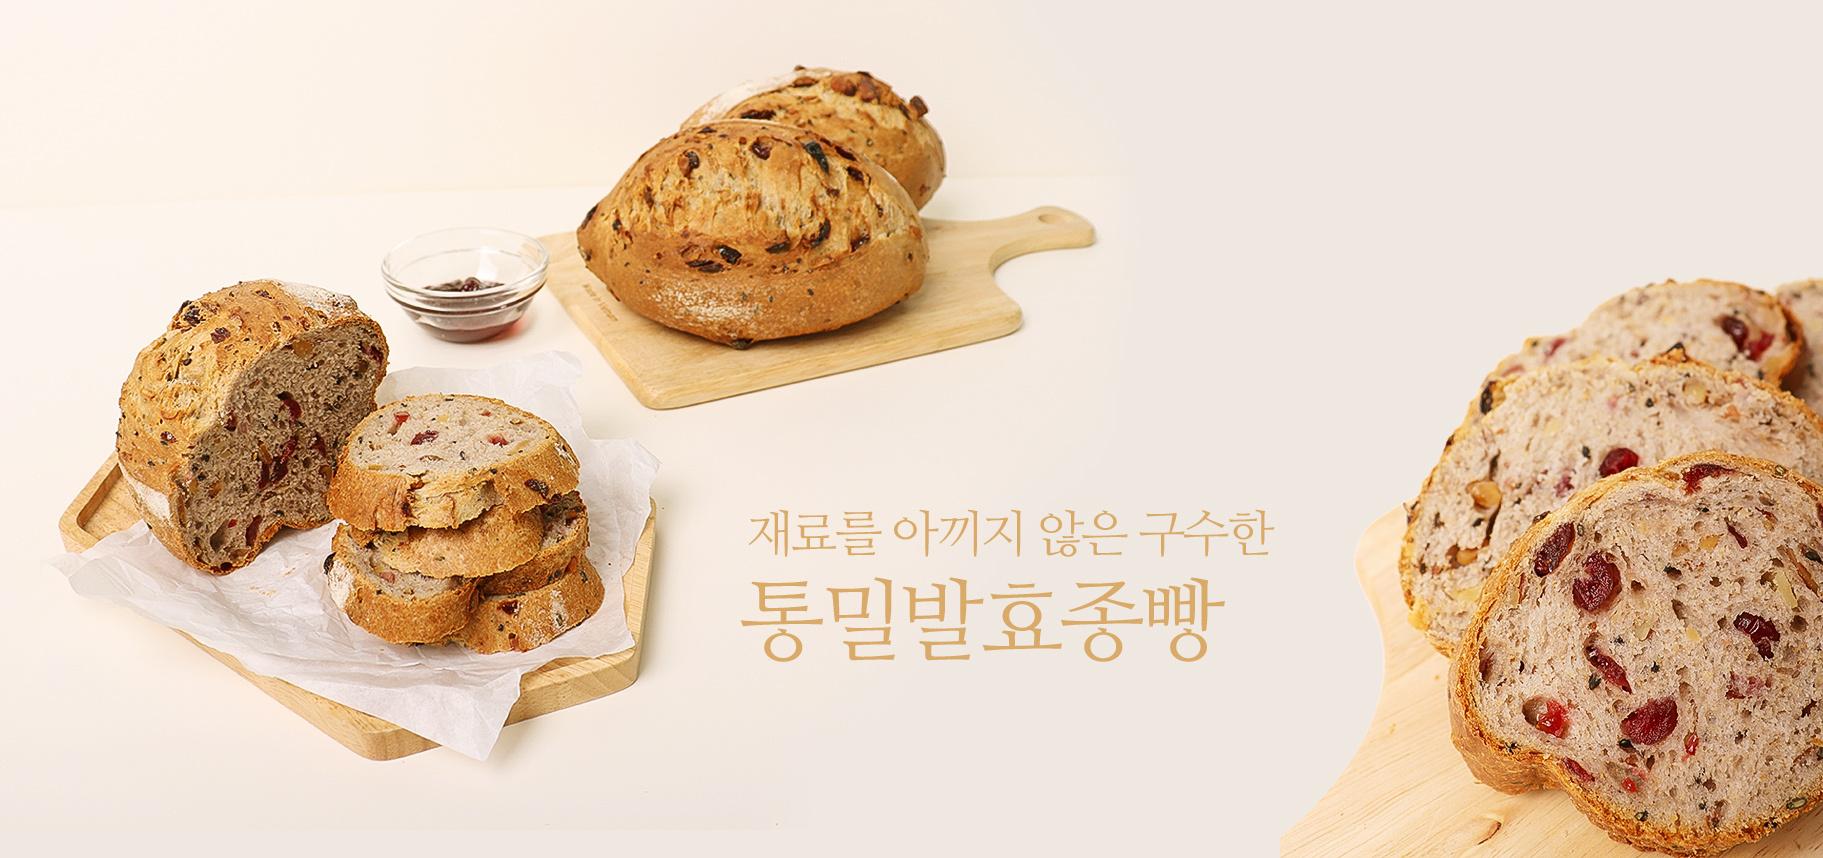 통밀발효종빵